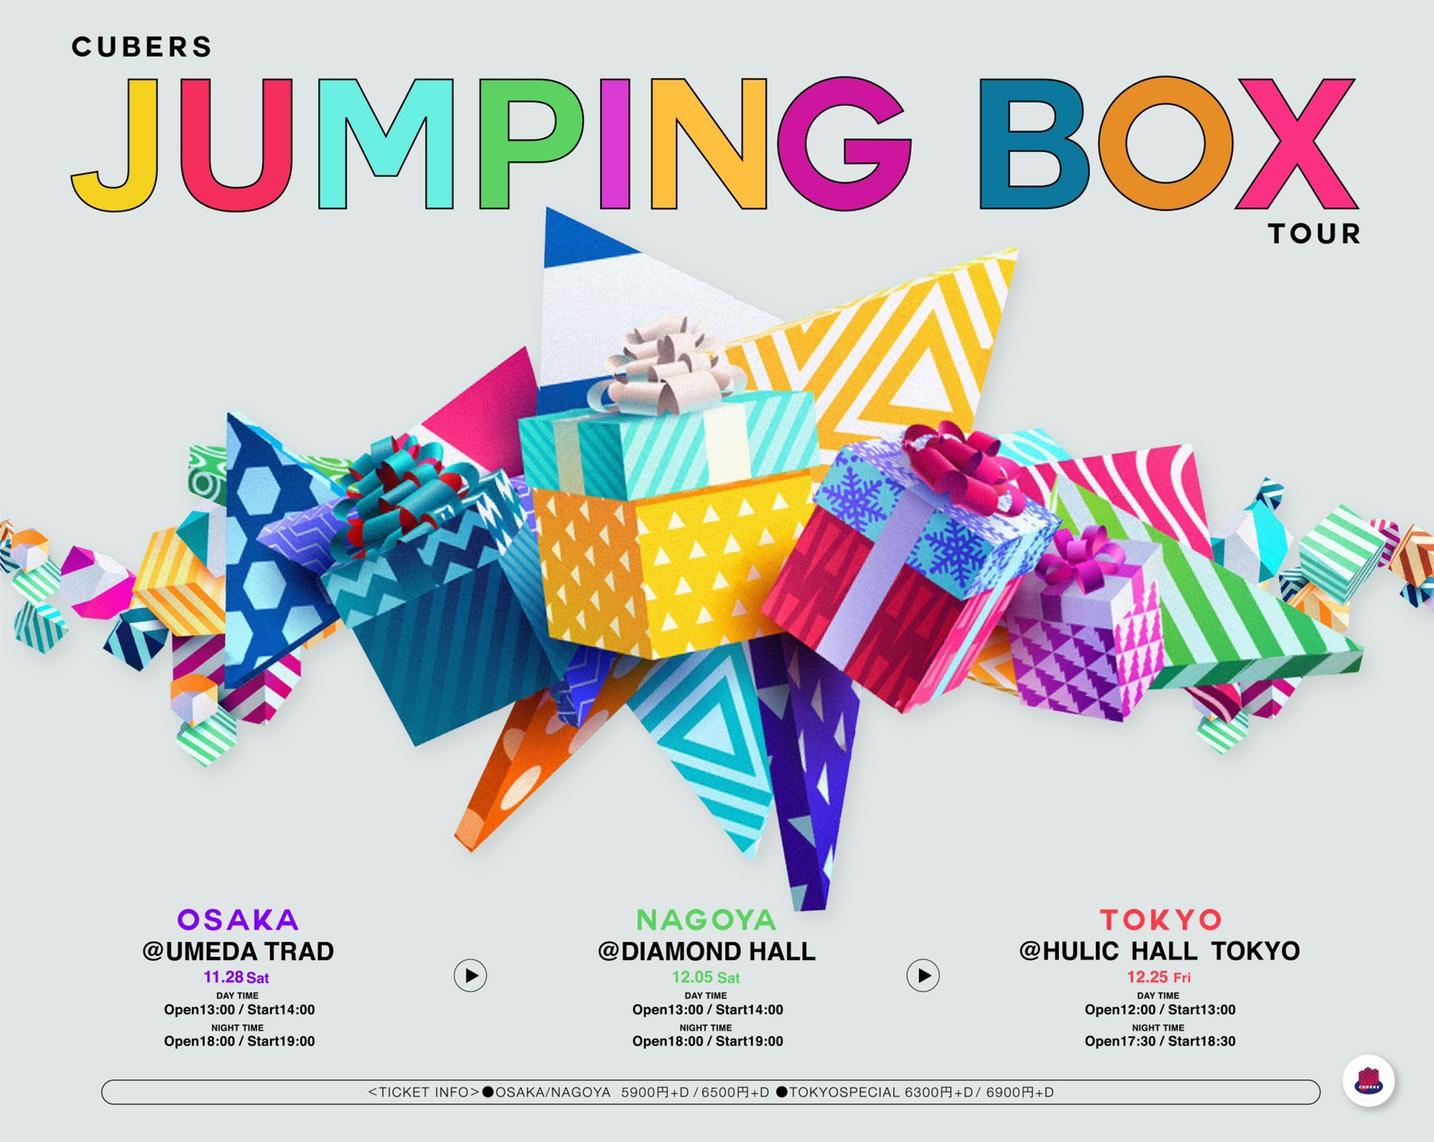 【お知らせ】12/25(金)開催「CUBERS JUMPING BOX TOUR ~Xmas Special~」にご来場される皆様へ